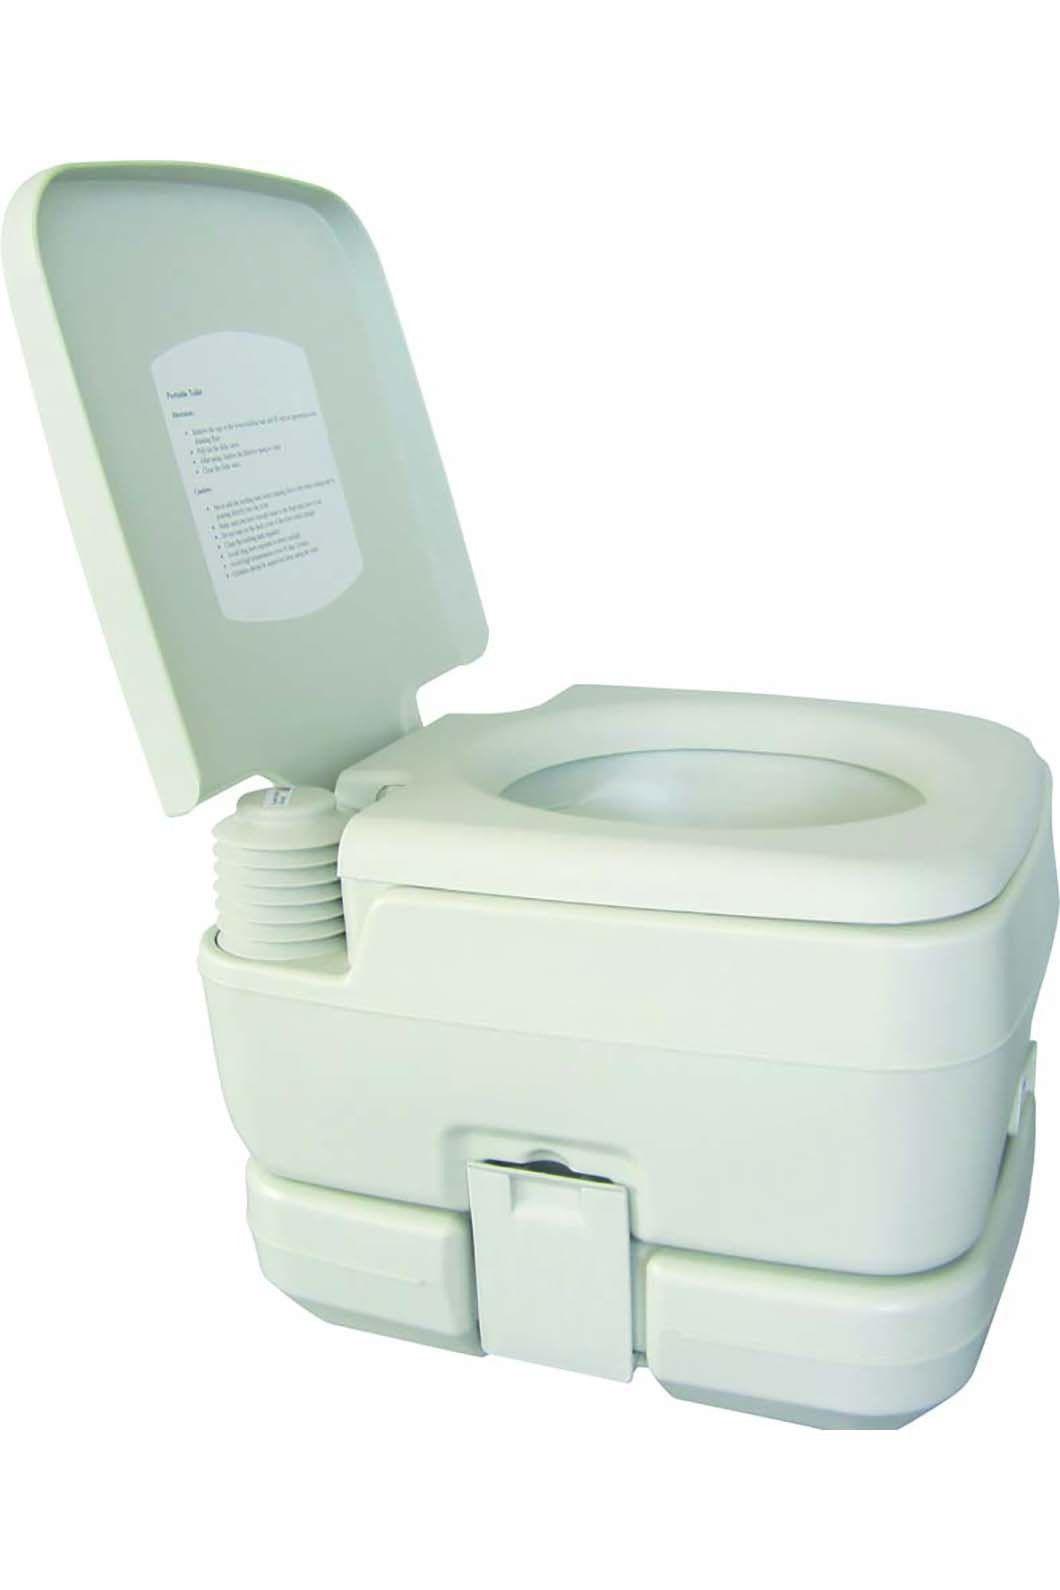 Wanderer 10L Portable Toilet, None, hi-res